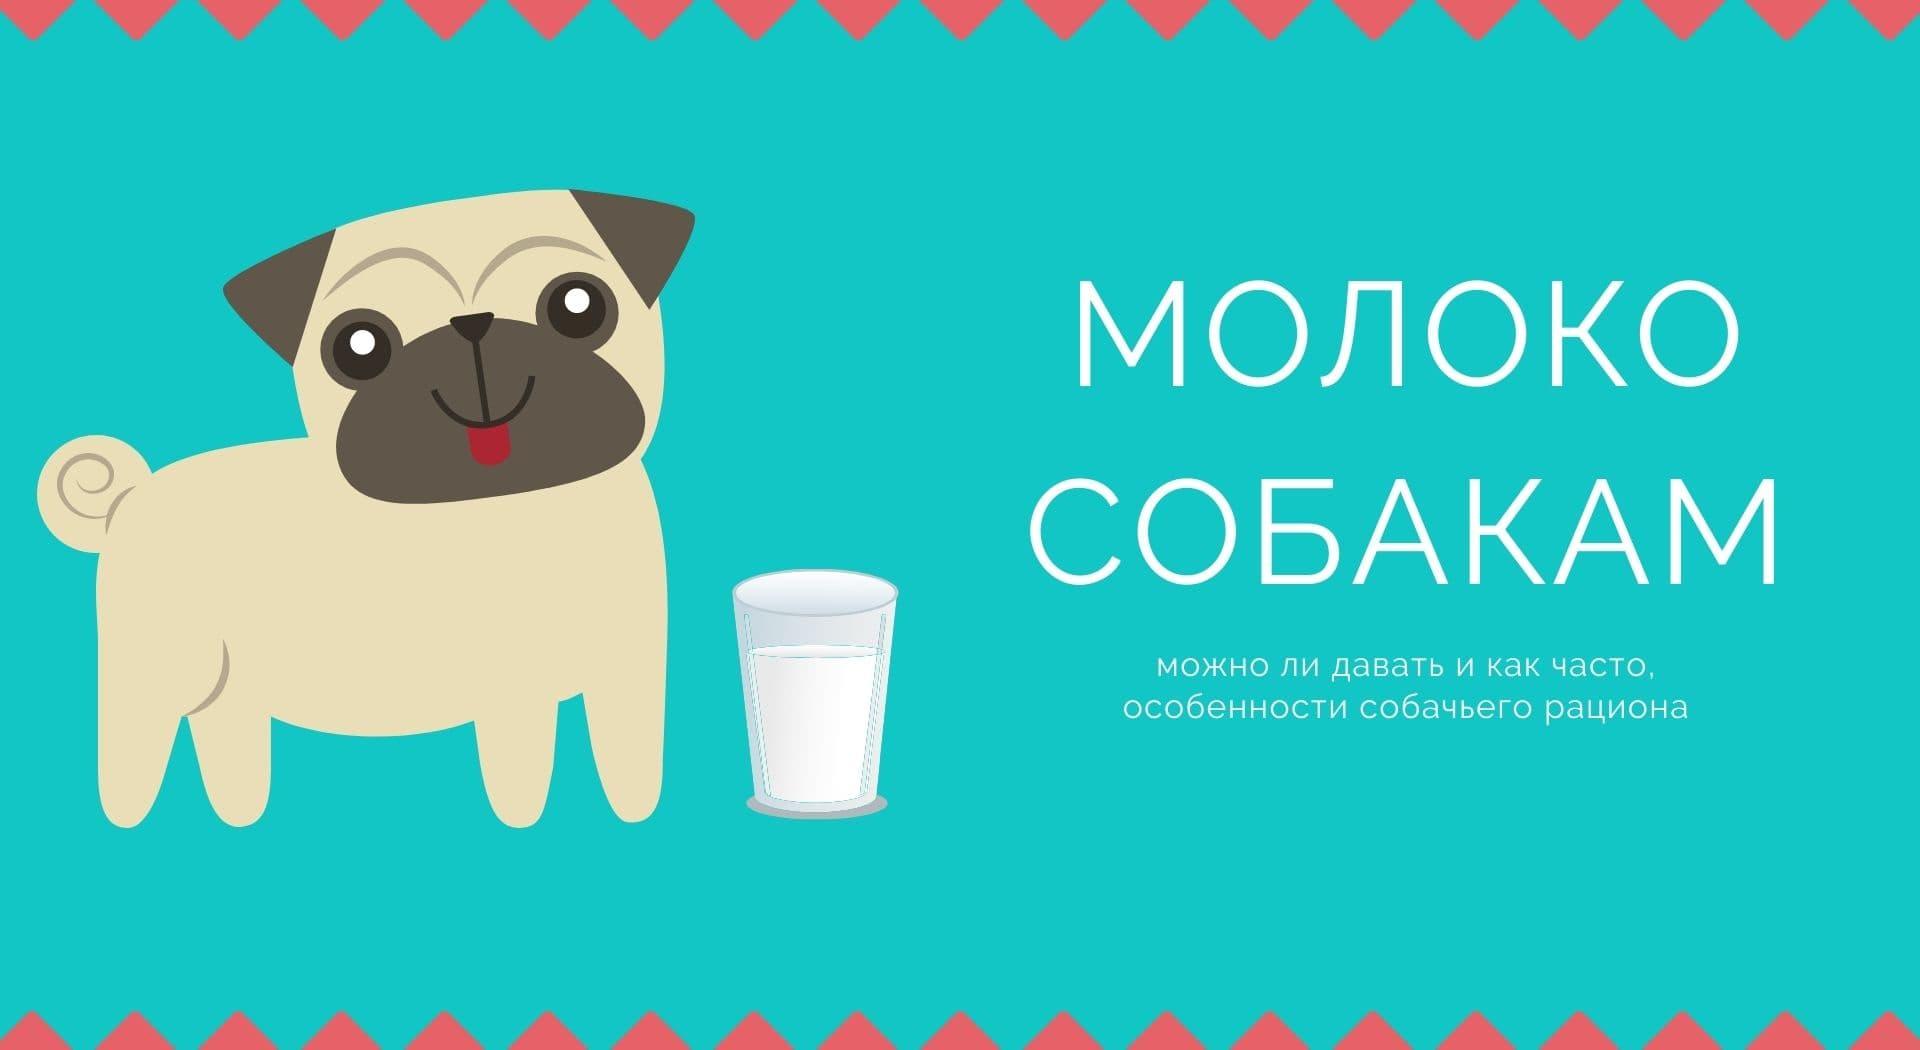 Молоко собакам: можно ли давать и как часто, особенности собачьего рациона